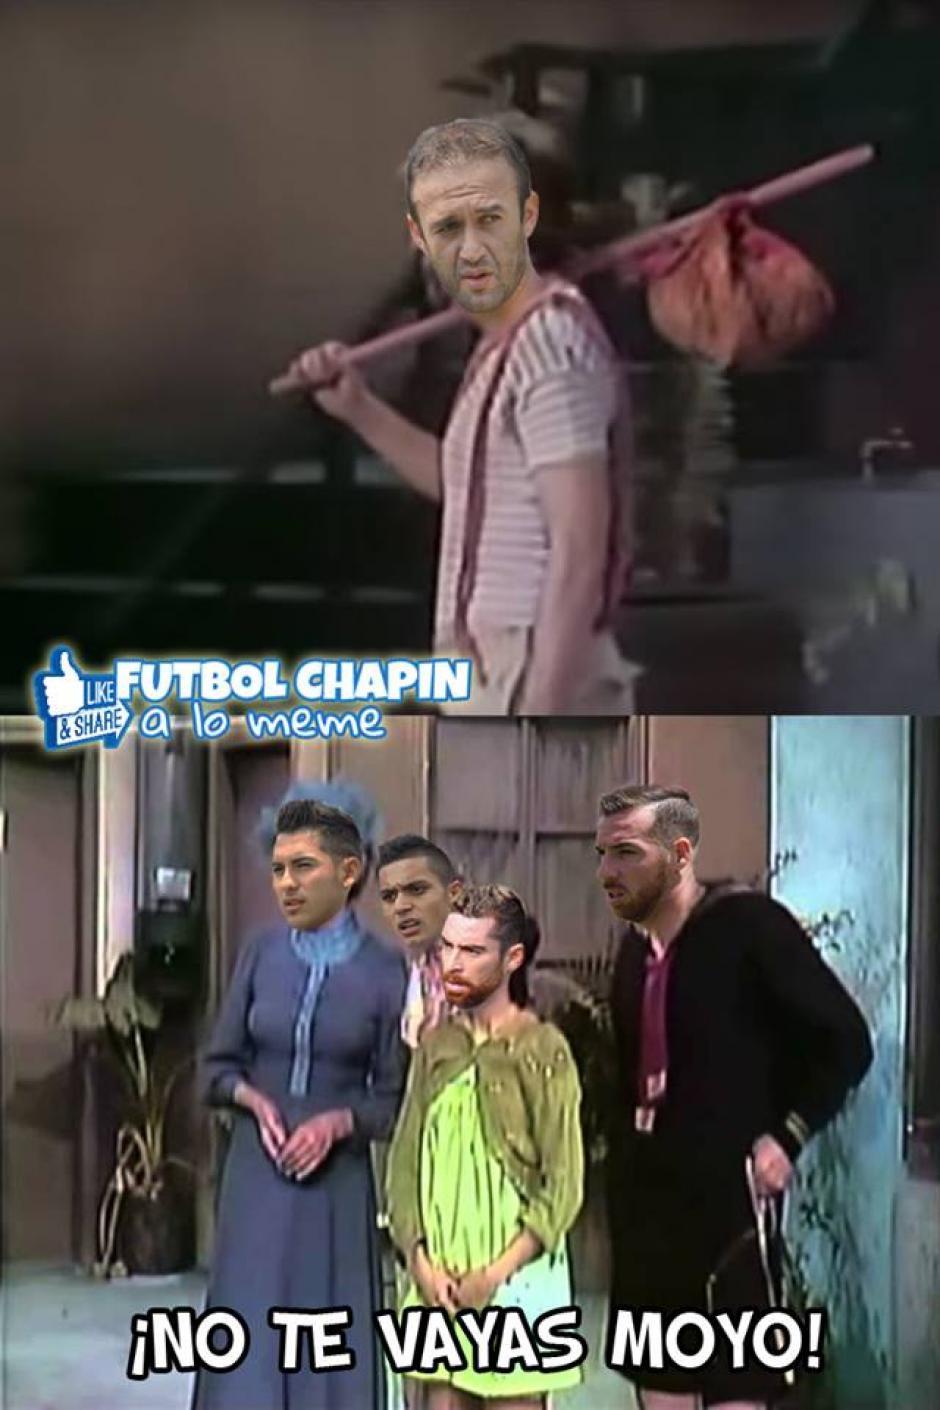 Los cremas extrañarán a José Manuel Contreras. (Foto: Futbol Chapin a lo Meme)